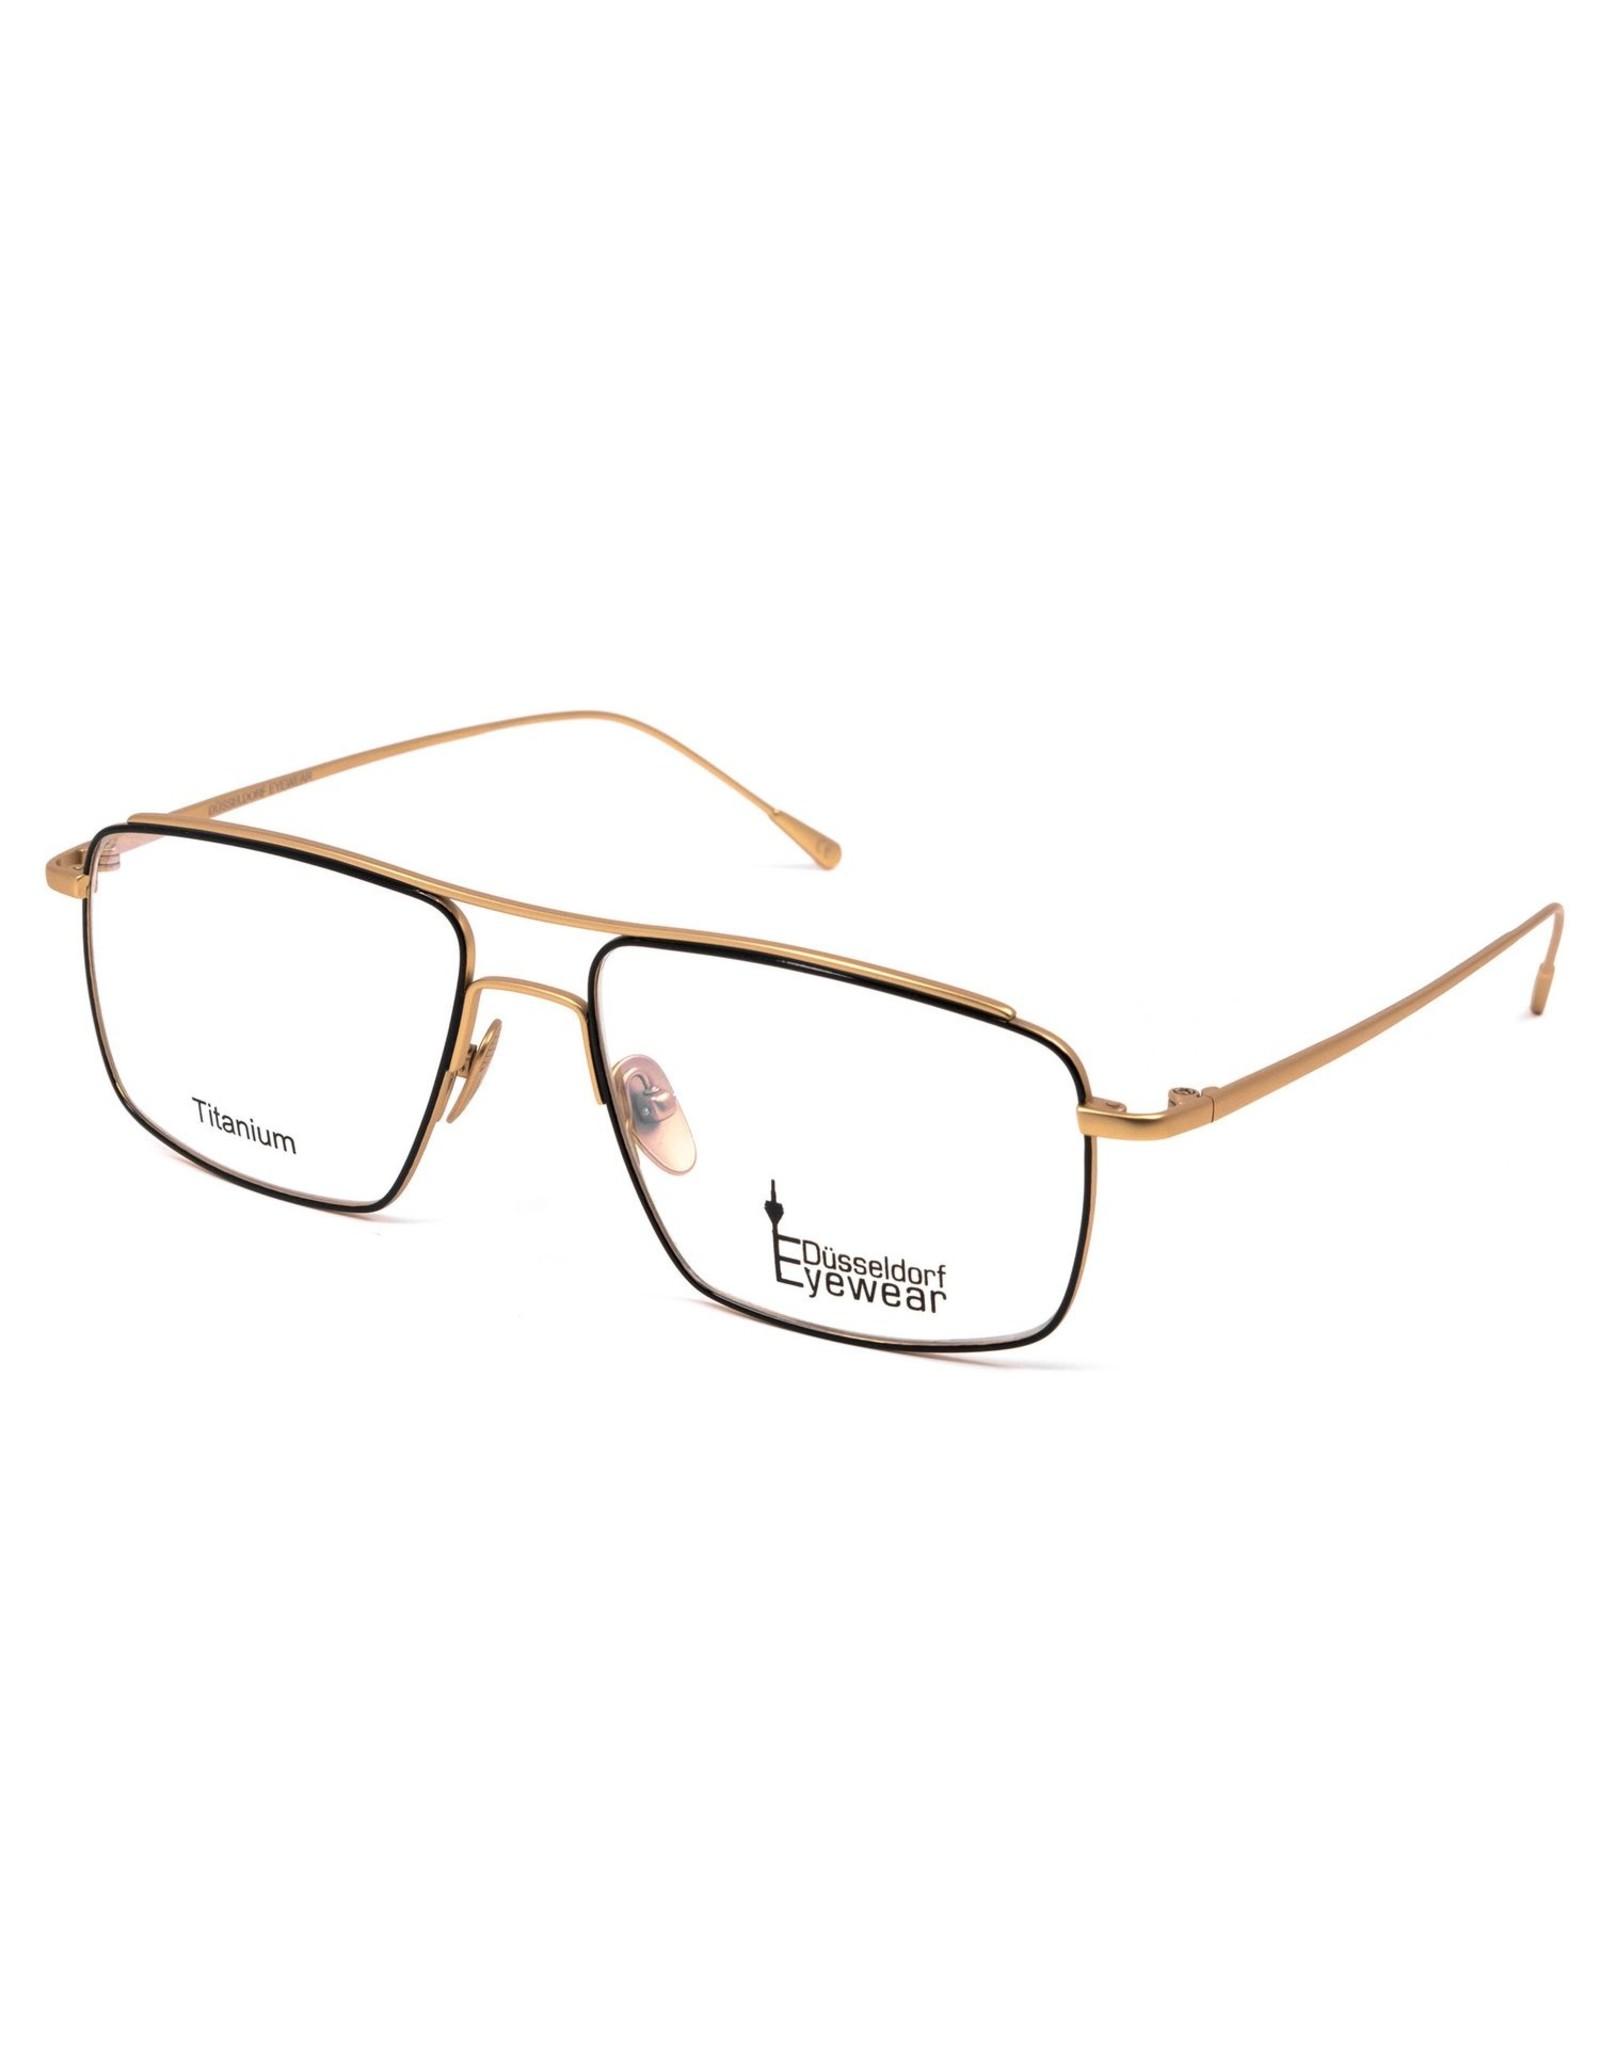 Dusselorf Eyewear Dusseldorf Eyewear Spichernplatz gold